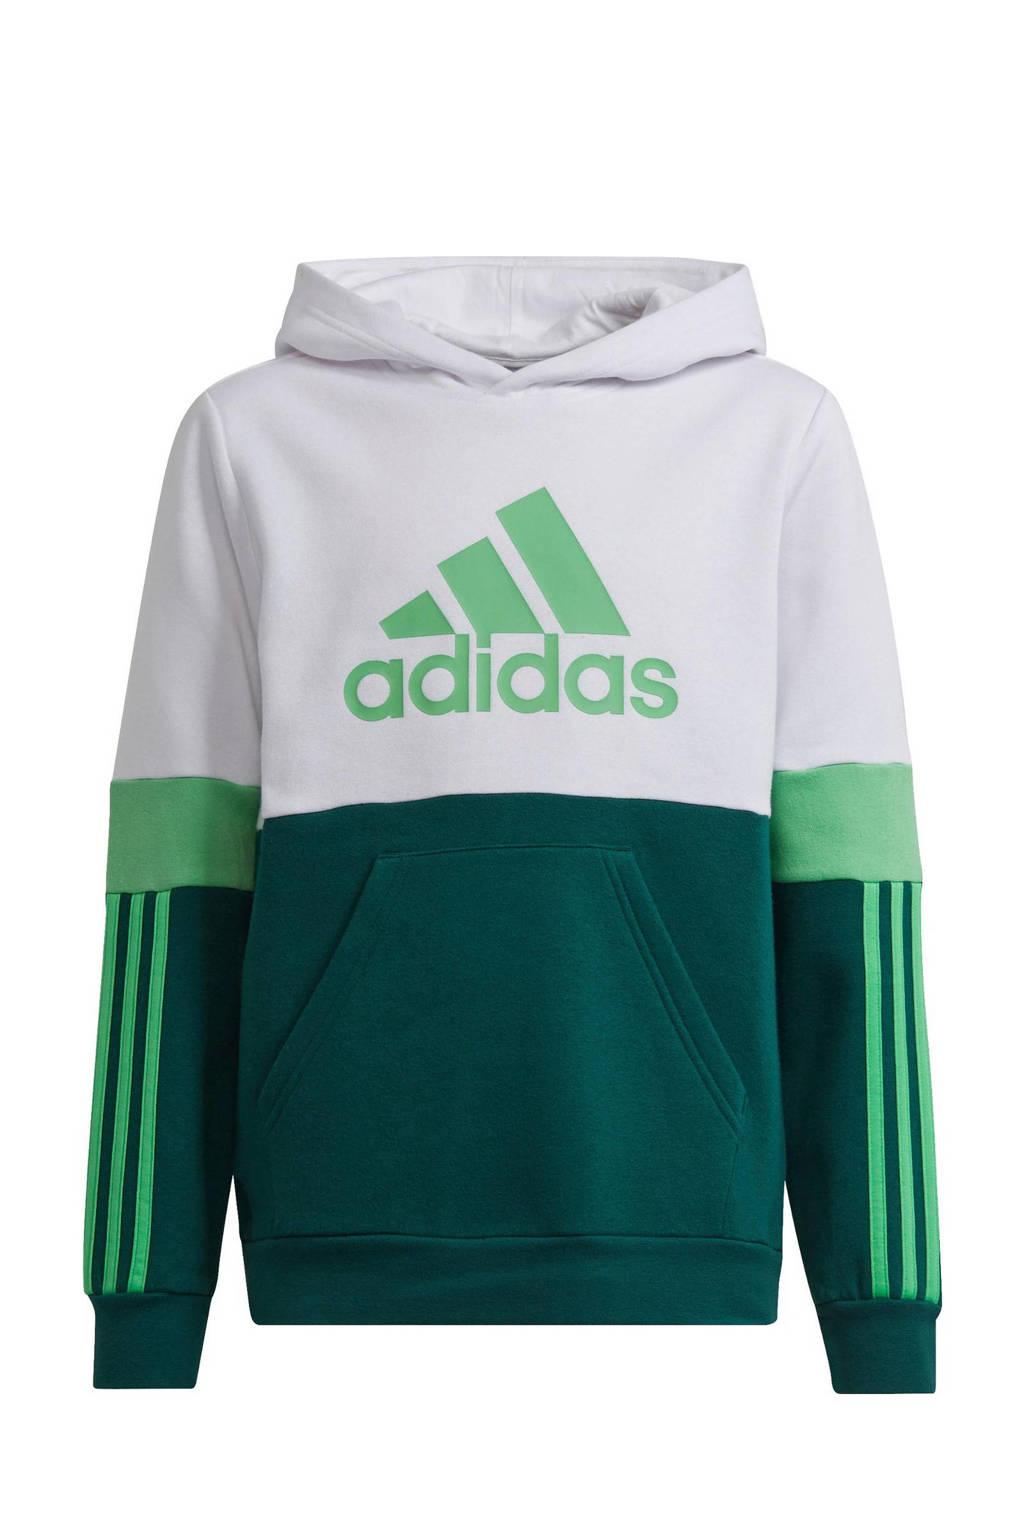 adidas Performance   fleece sportsweater donkergroen/wit/groen